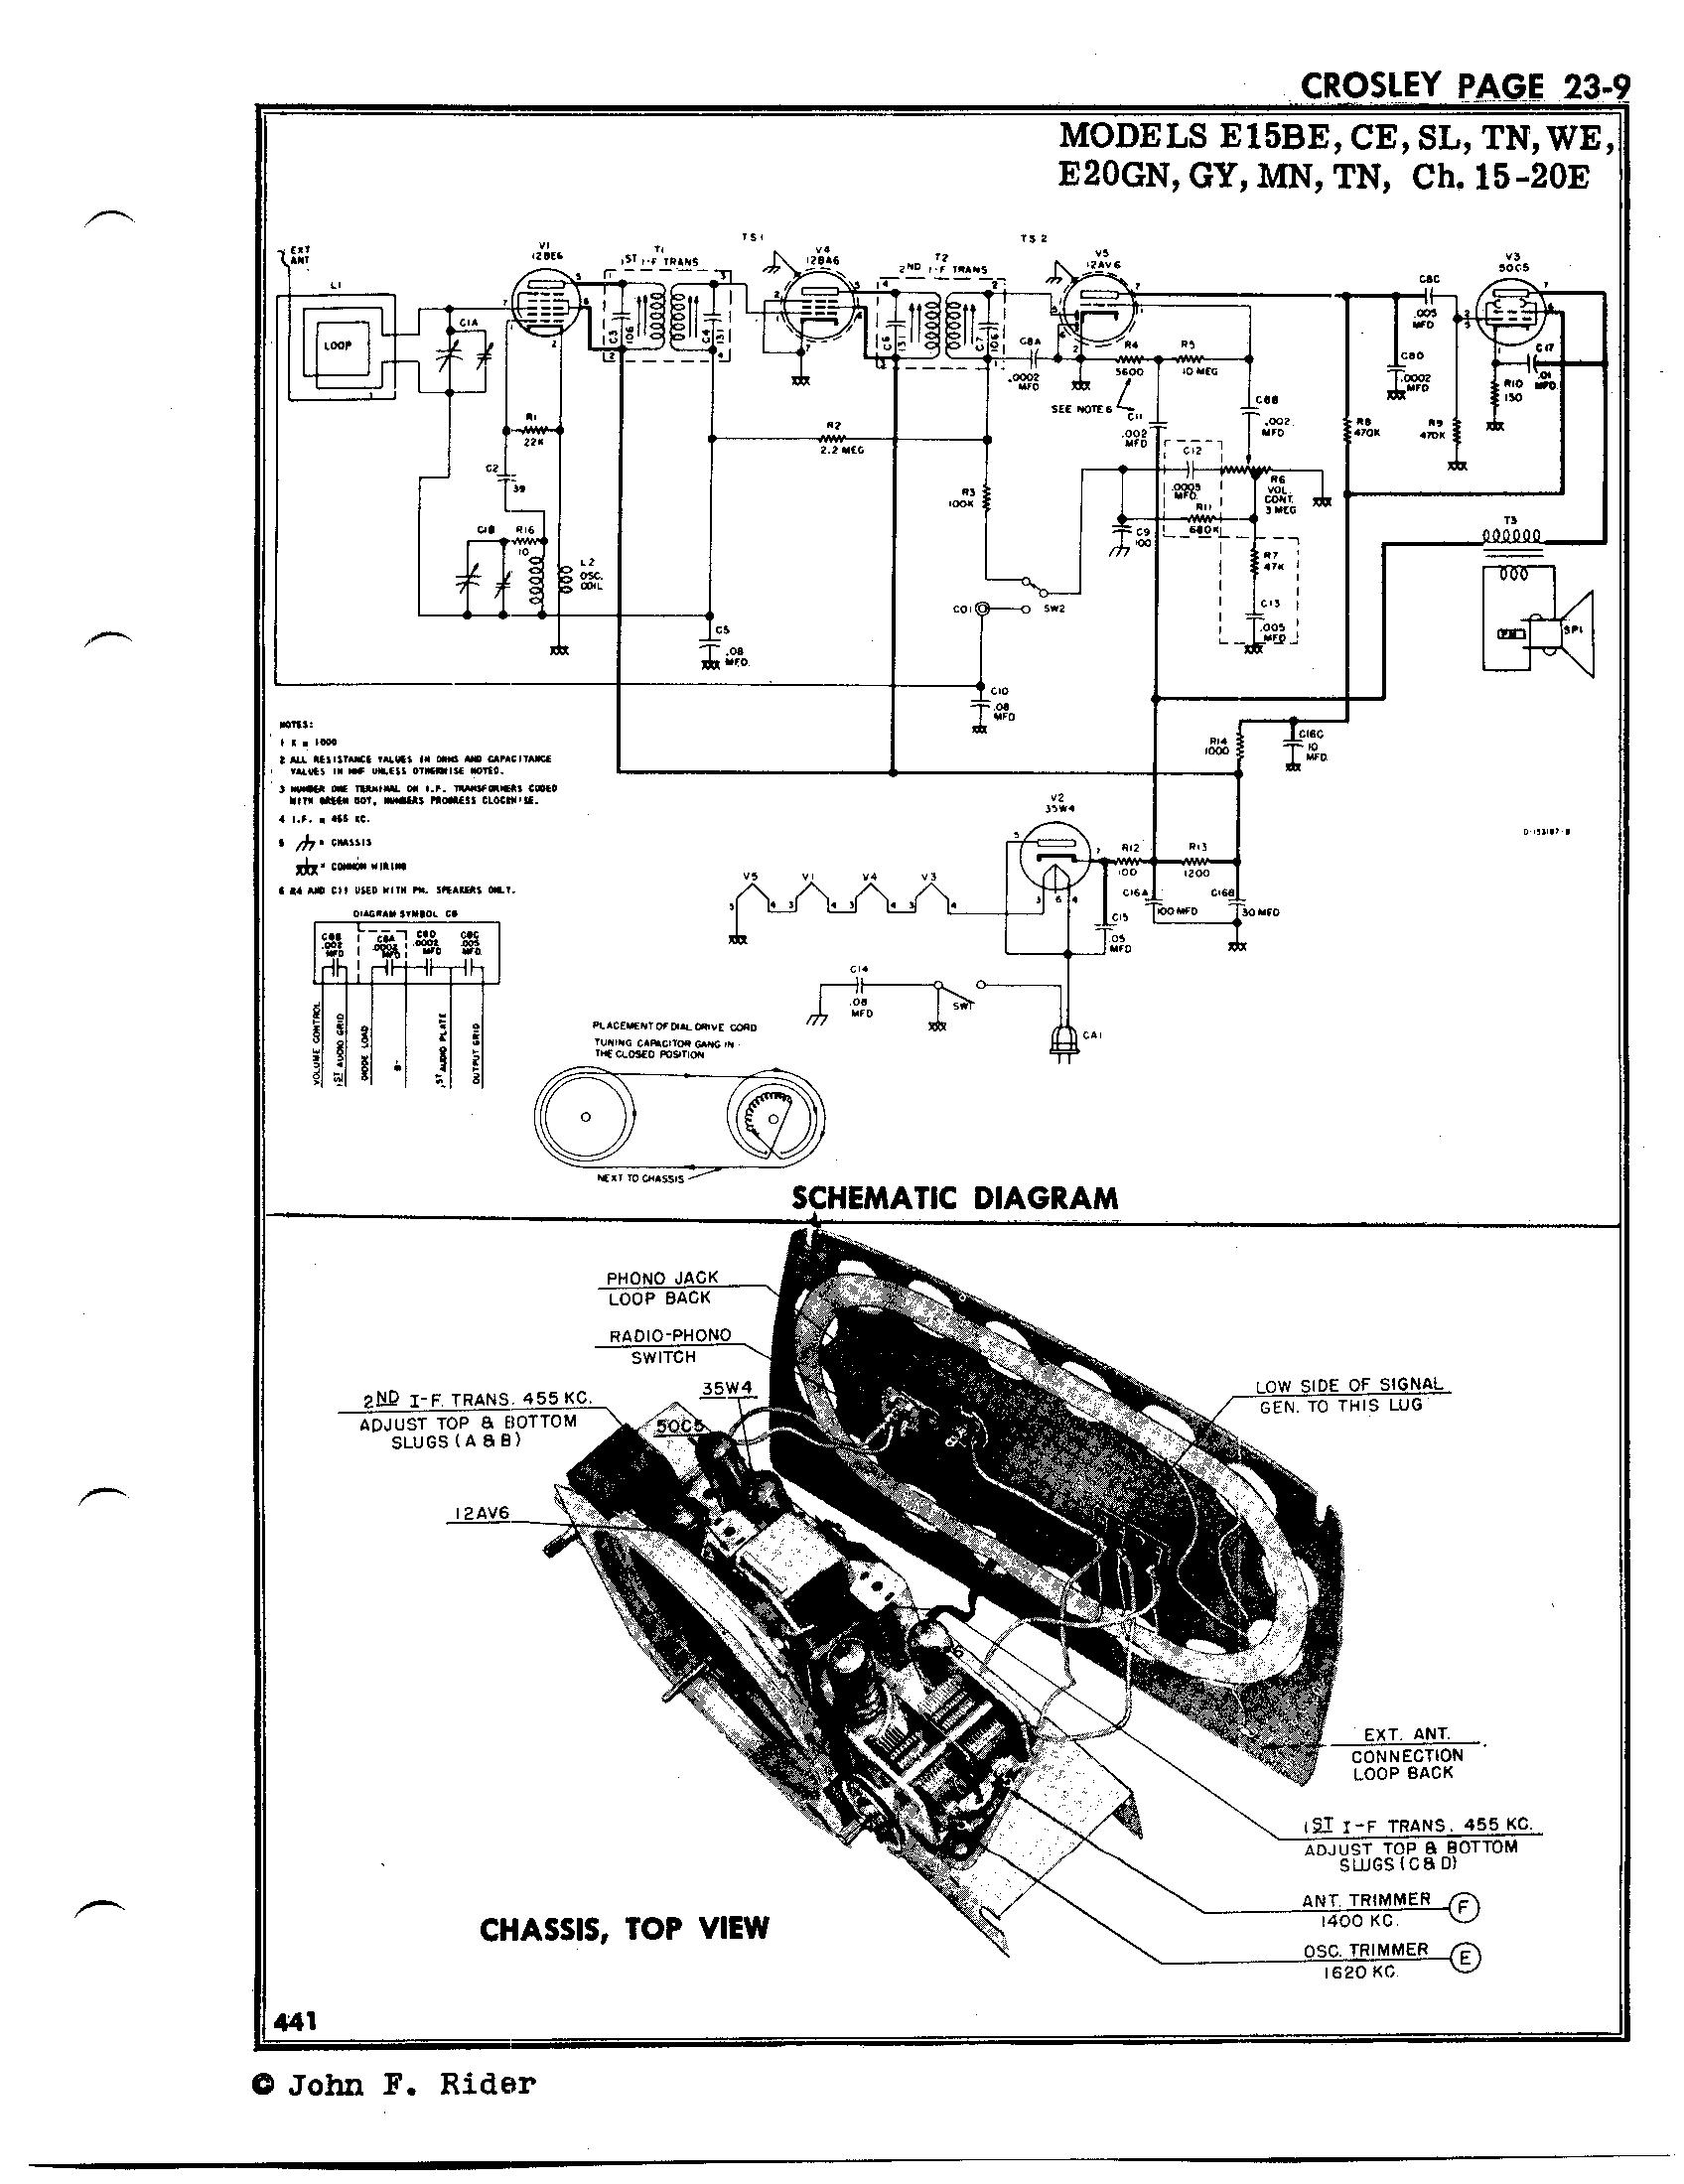 Crosley Corp E15be